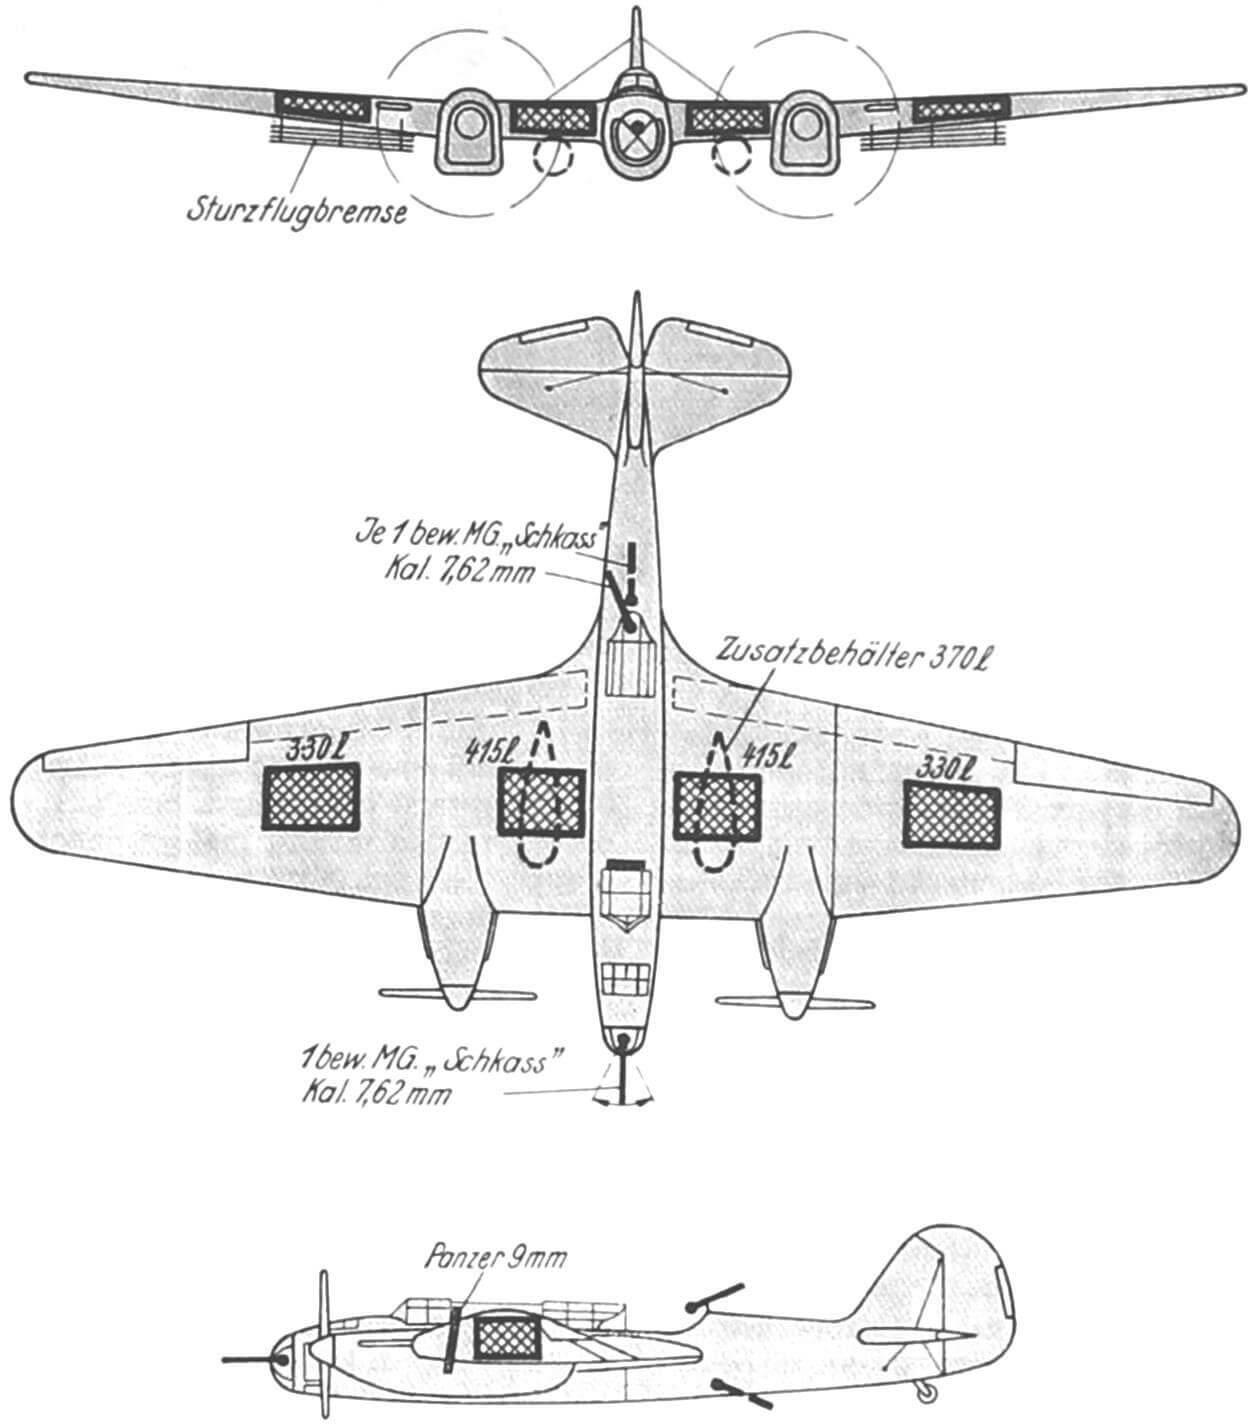 Схема из немецкого справочника, на которой показаны сектора обстрела огневых точек, бронезащита и уязвимые места Ар-2